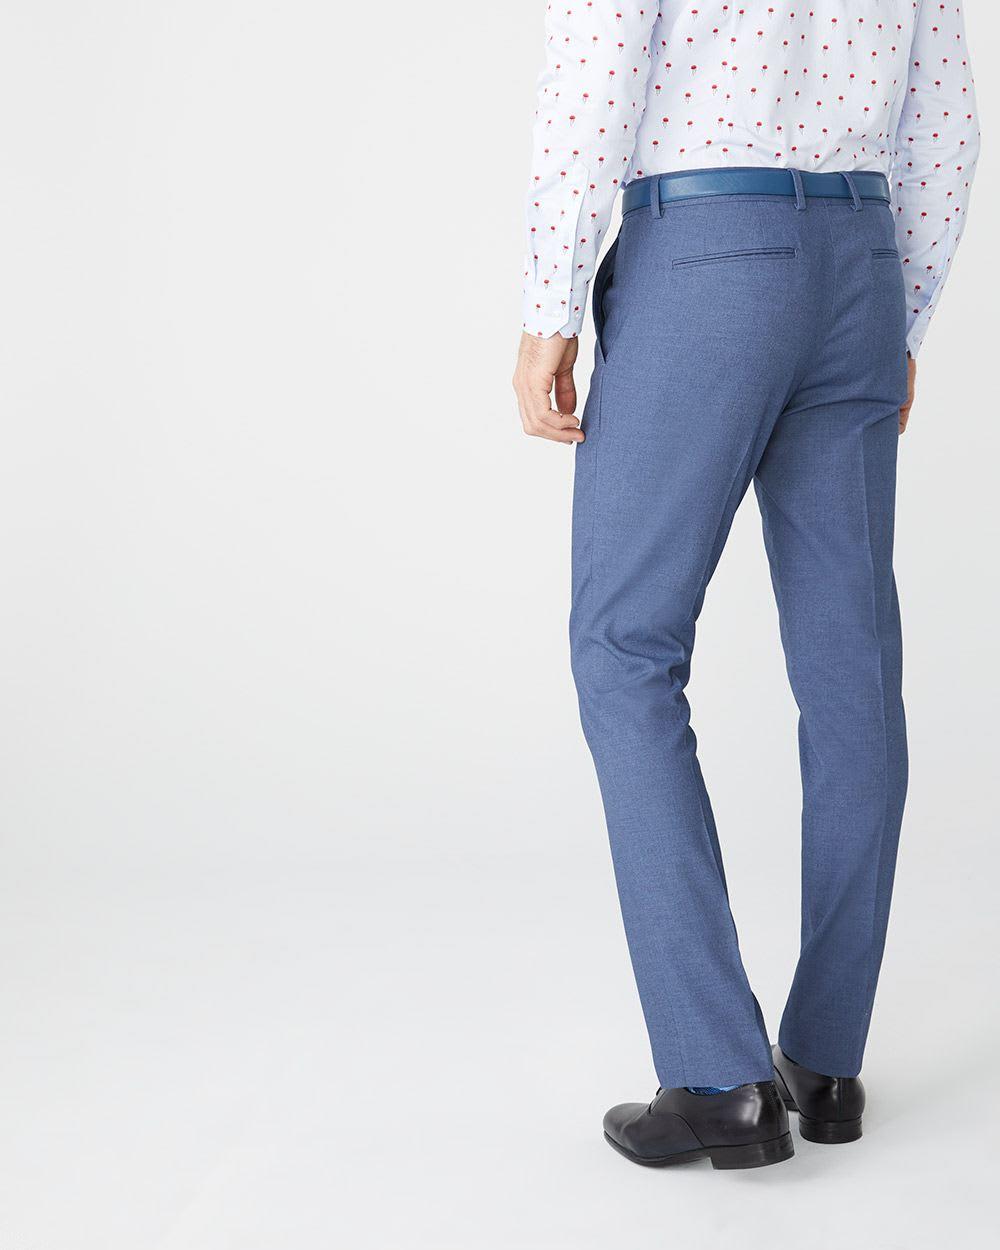 c099a8e0 Tailored Fit Coolmax (TM) Crown blue suit pant | RW&CO.